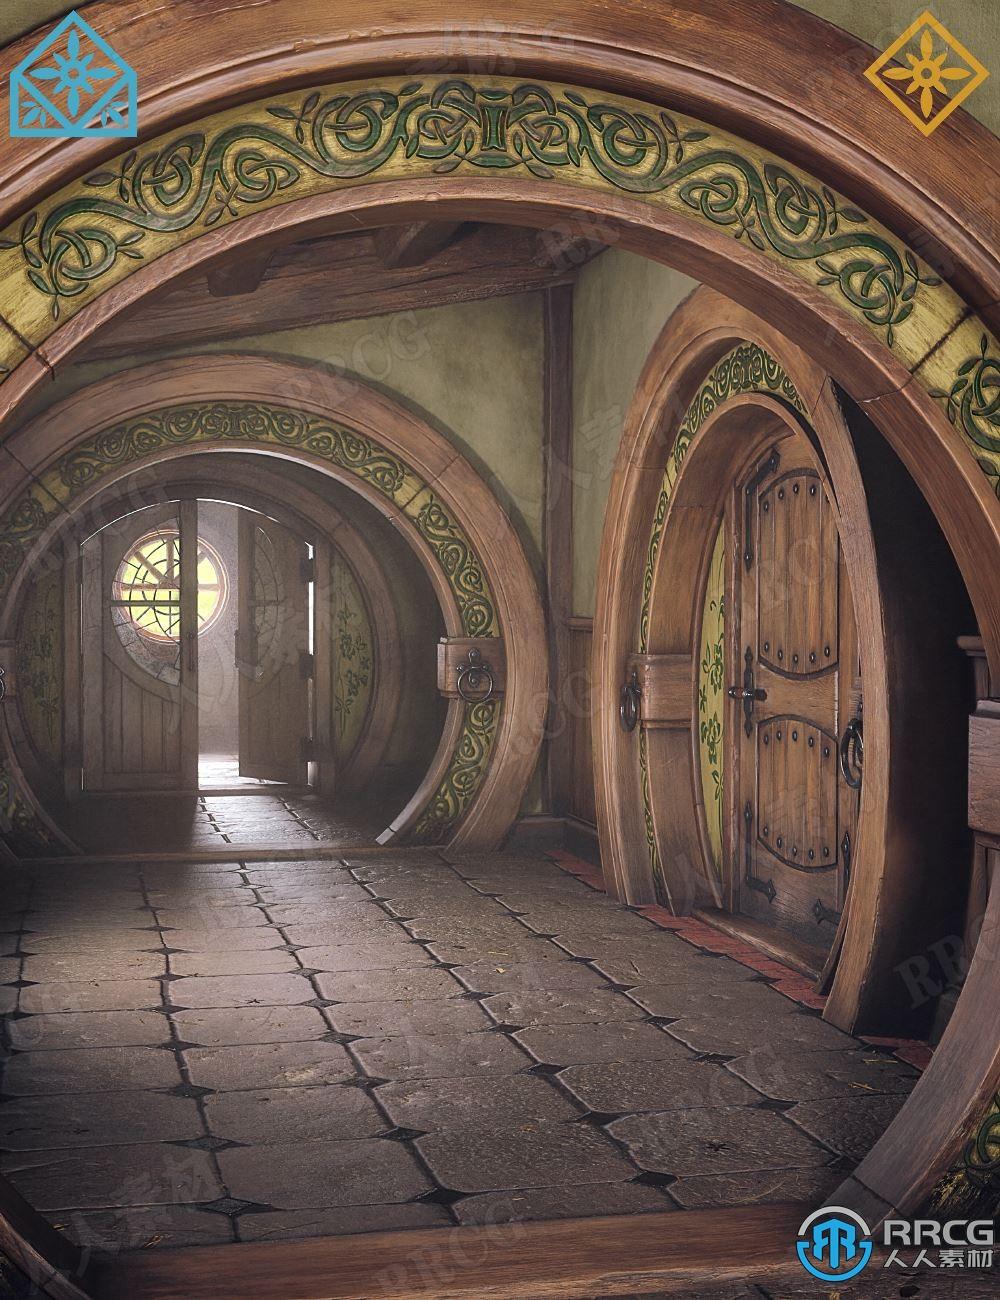 梦幻复古走廊动画建筑场景环境3D模型合集